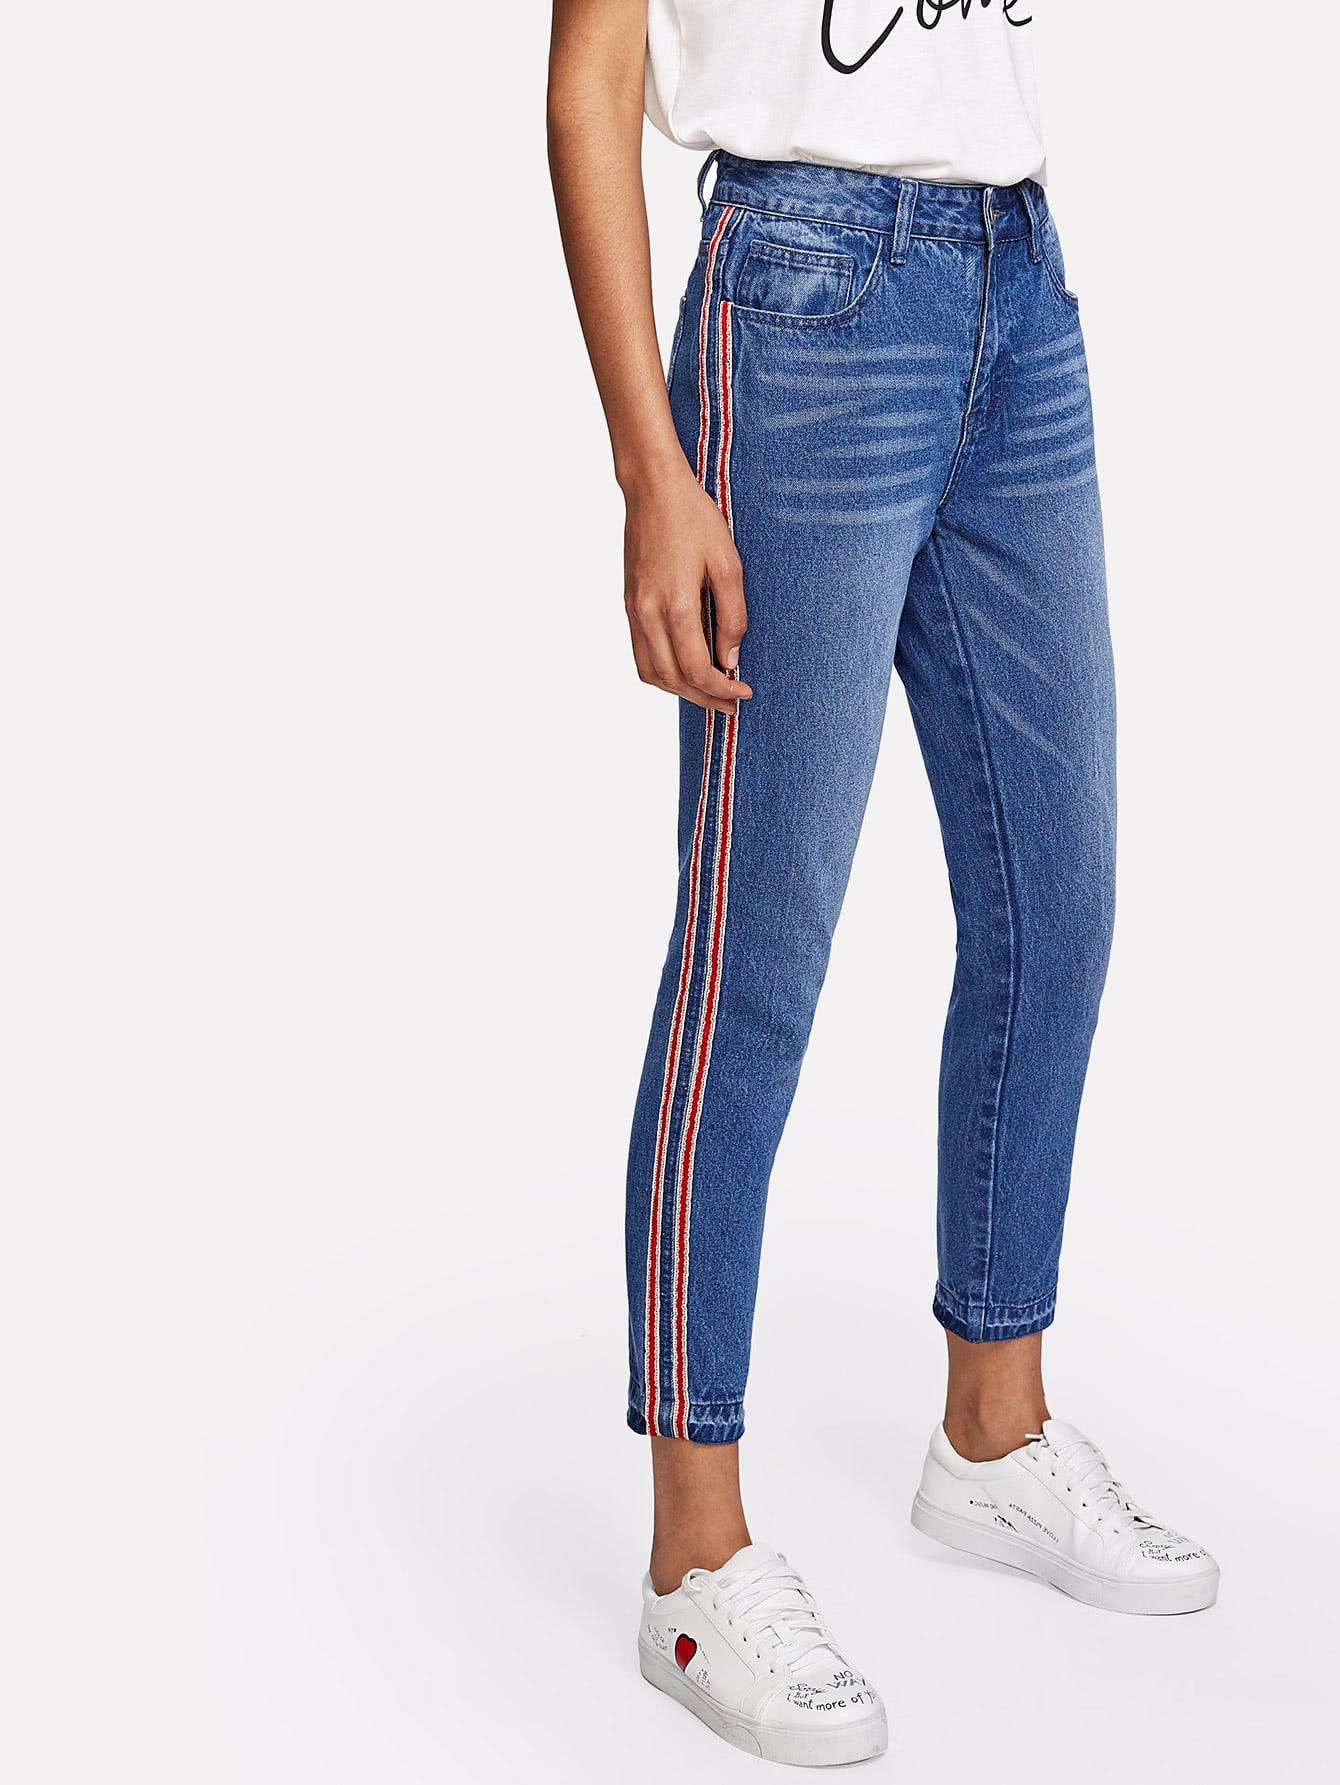 Striped Side Crop Jeans striped side crop top